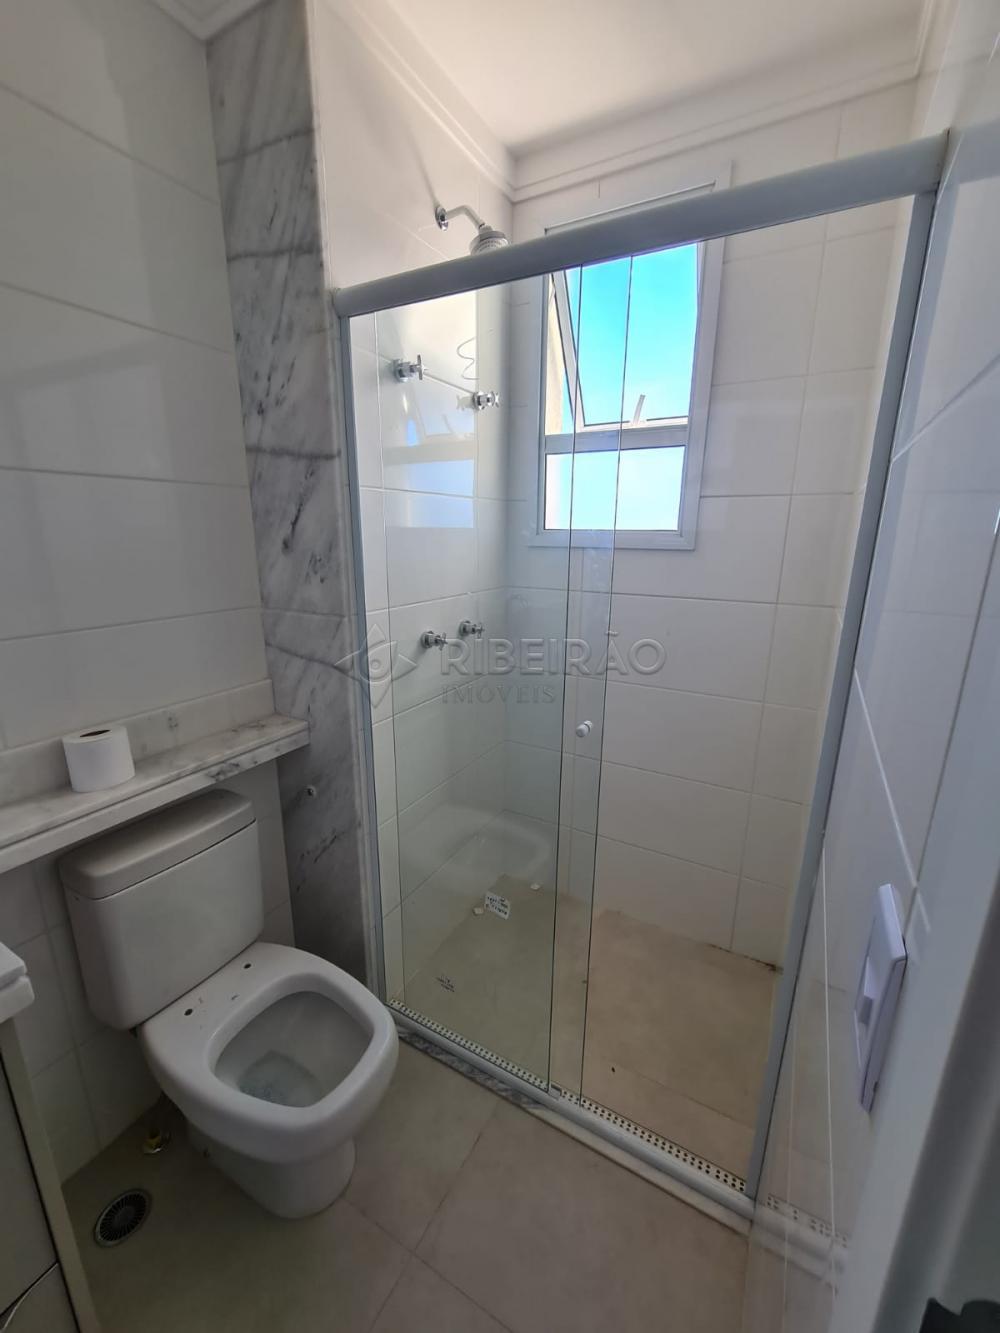 Alugar Apartamento / Padrão em Ribeirão Preto R$ 3.500,00 - Foto 12